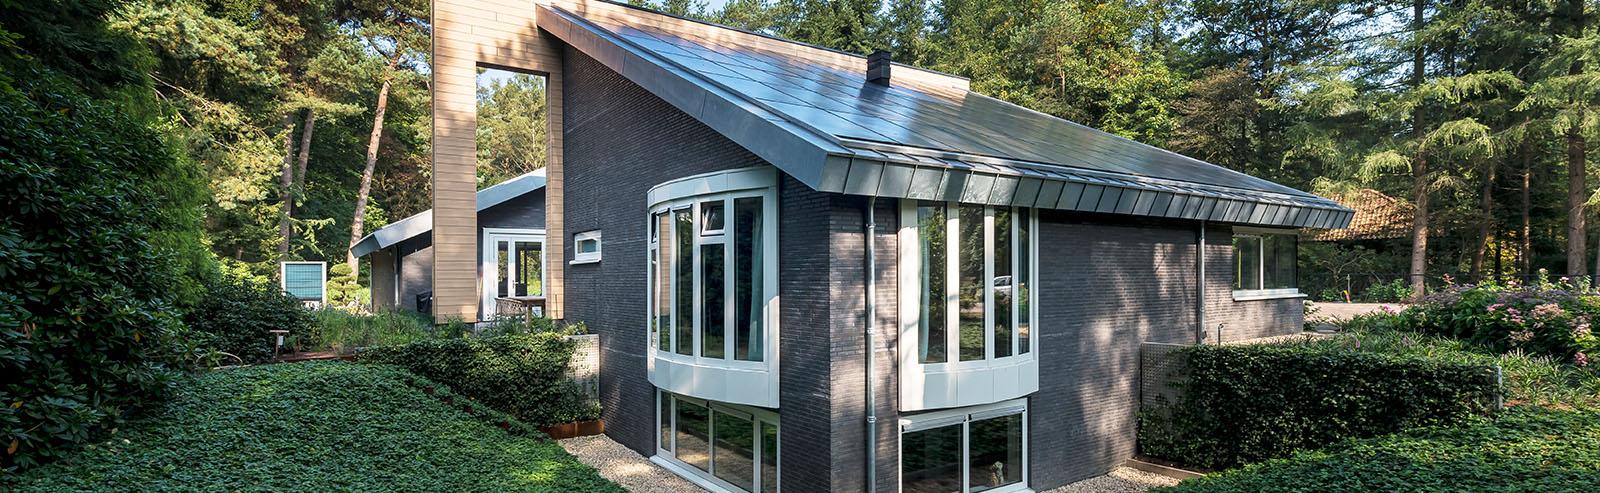 duurzaam-bouwen-bouwbedrijf-reurink-7